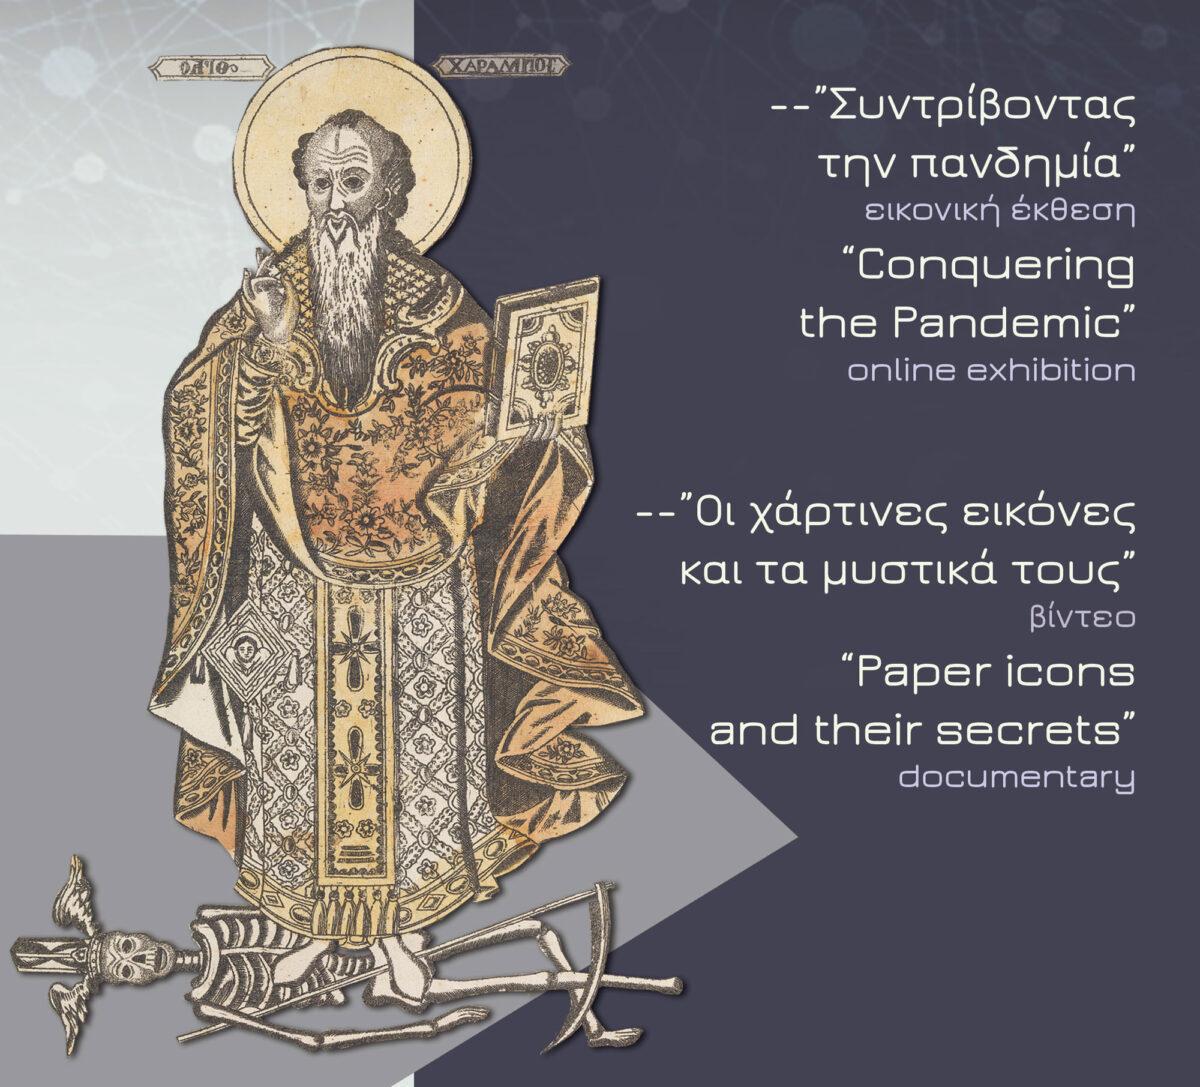 Οι πανδημίες στη μεταβυζαντινή εικονογραφία